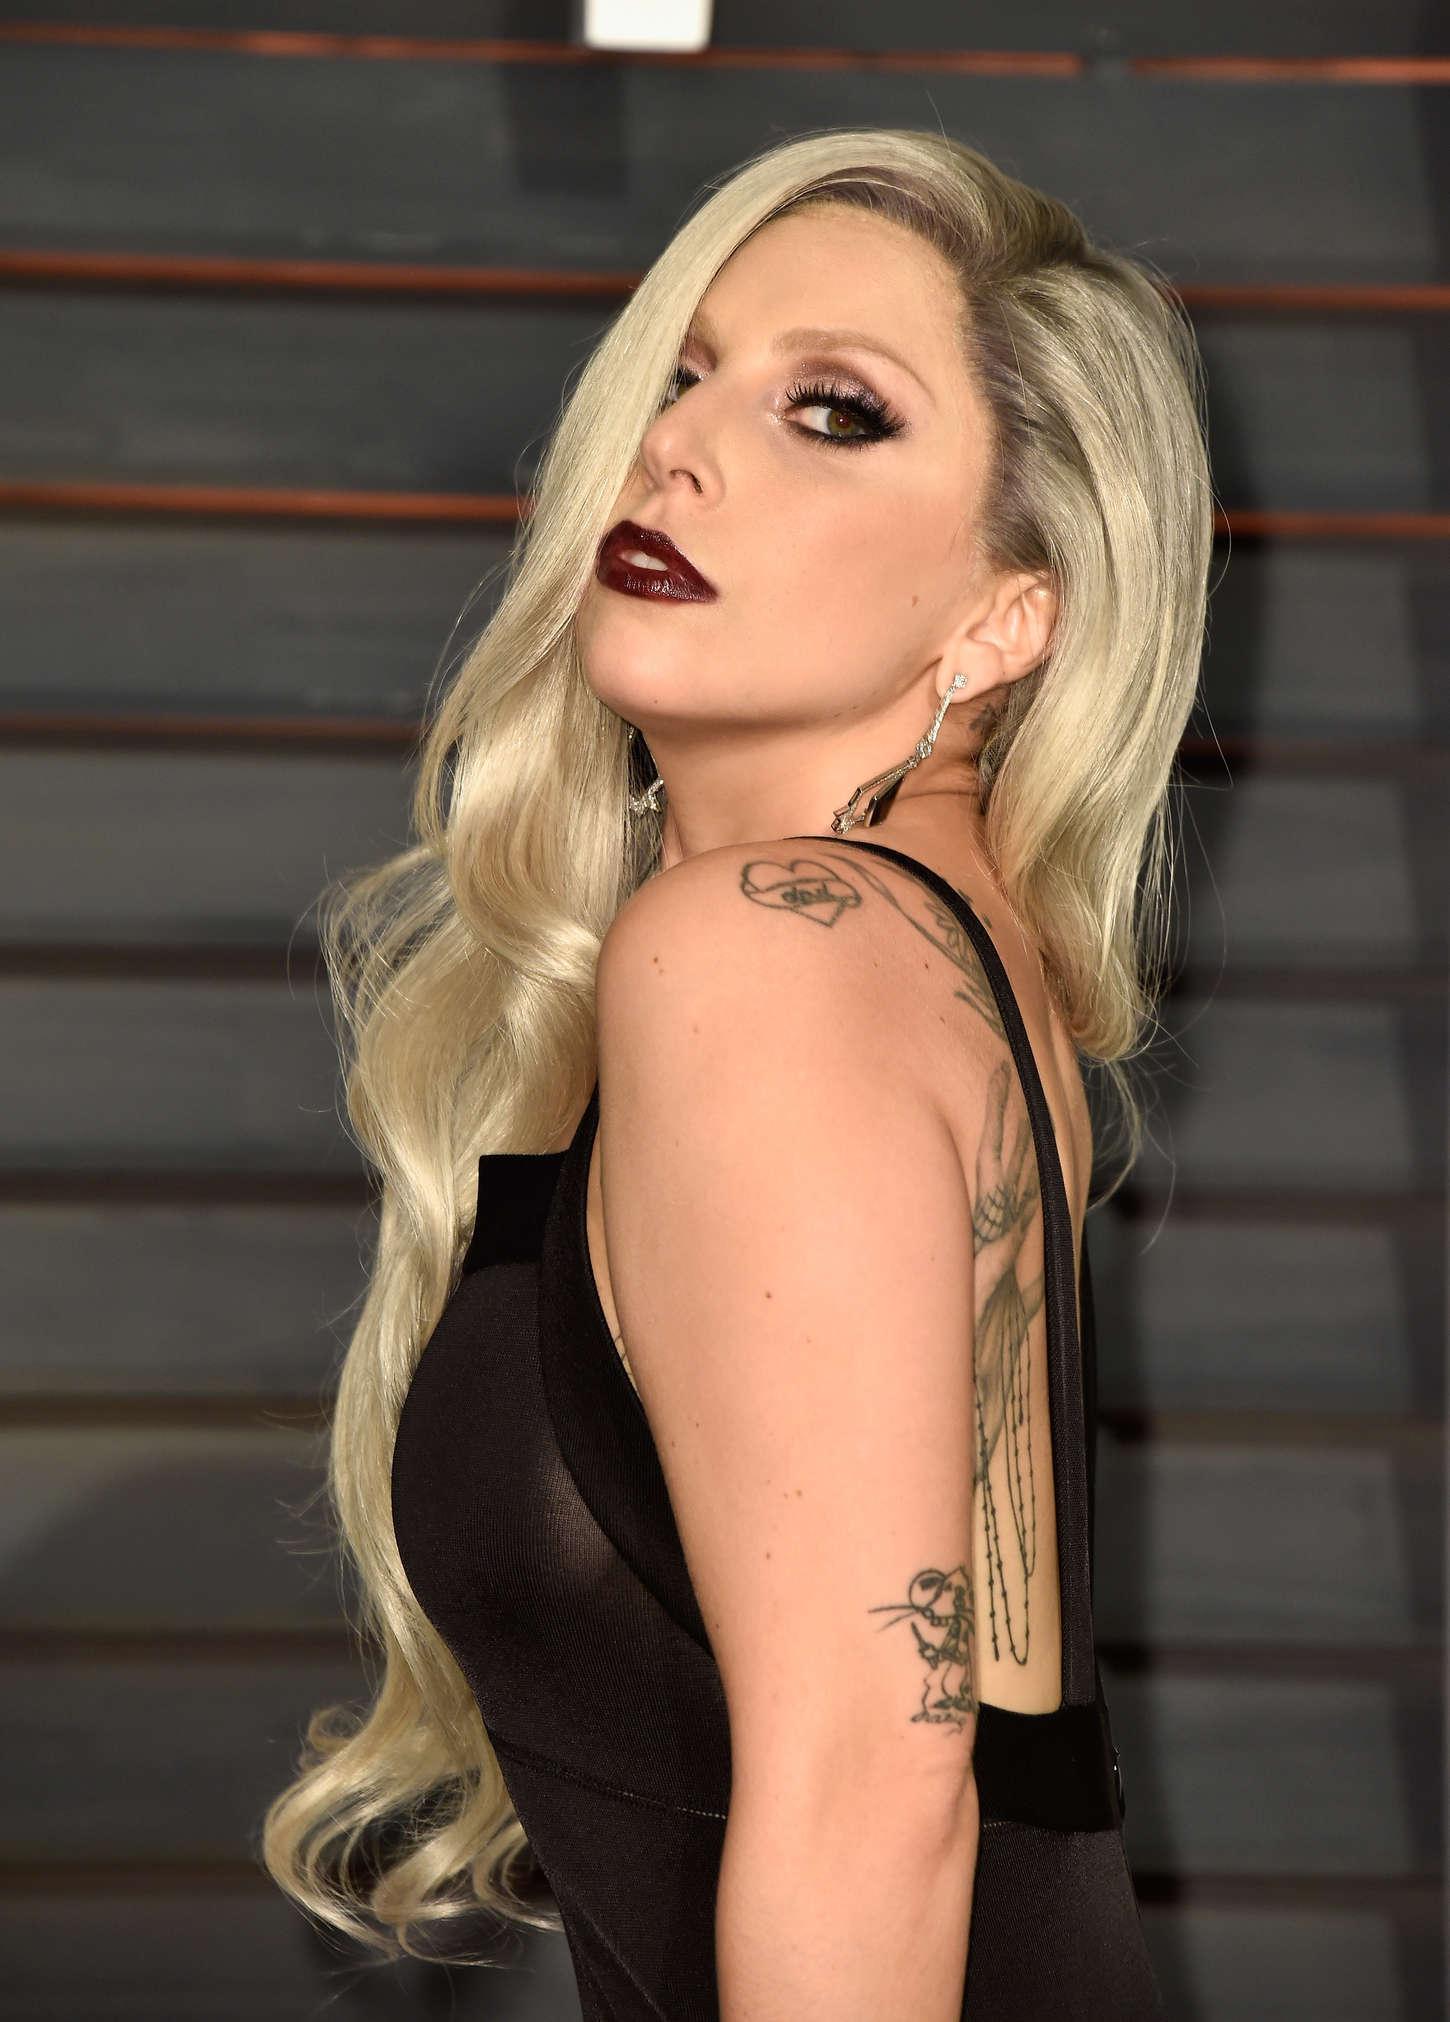 Lady Gaga Ndash 2015 Vanity Fair Oscar Party In Hollywood